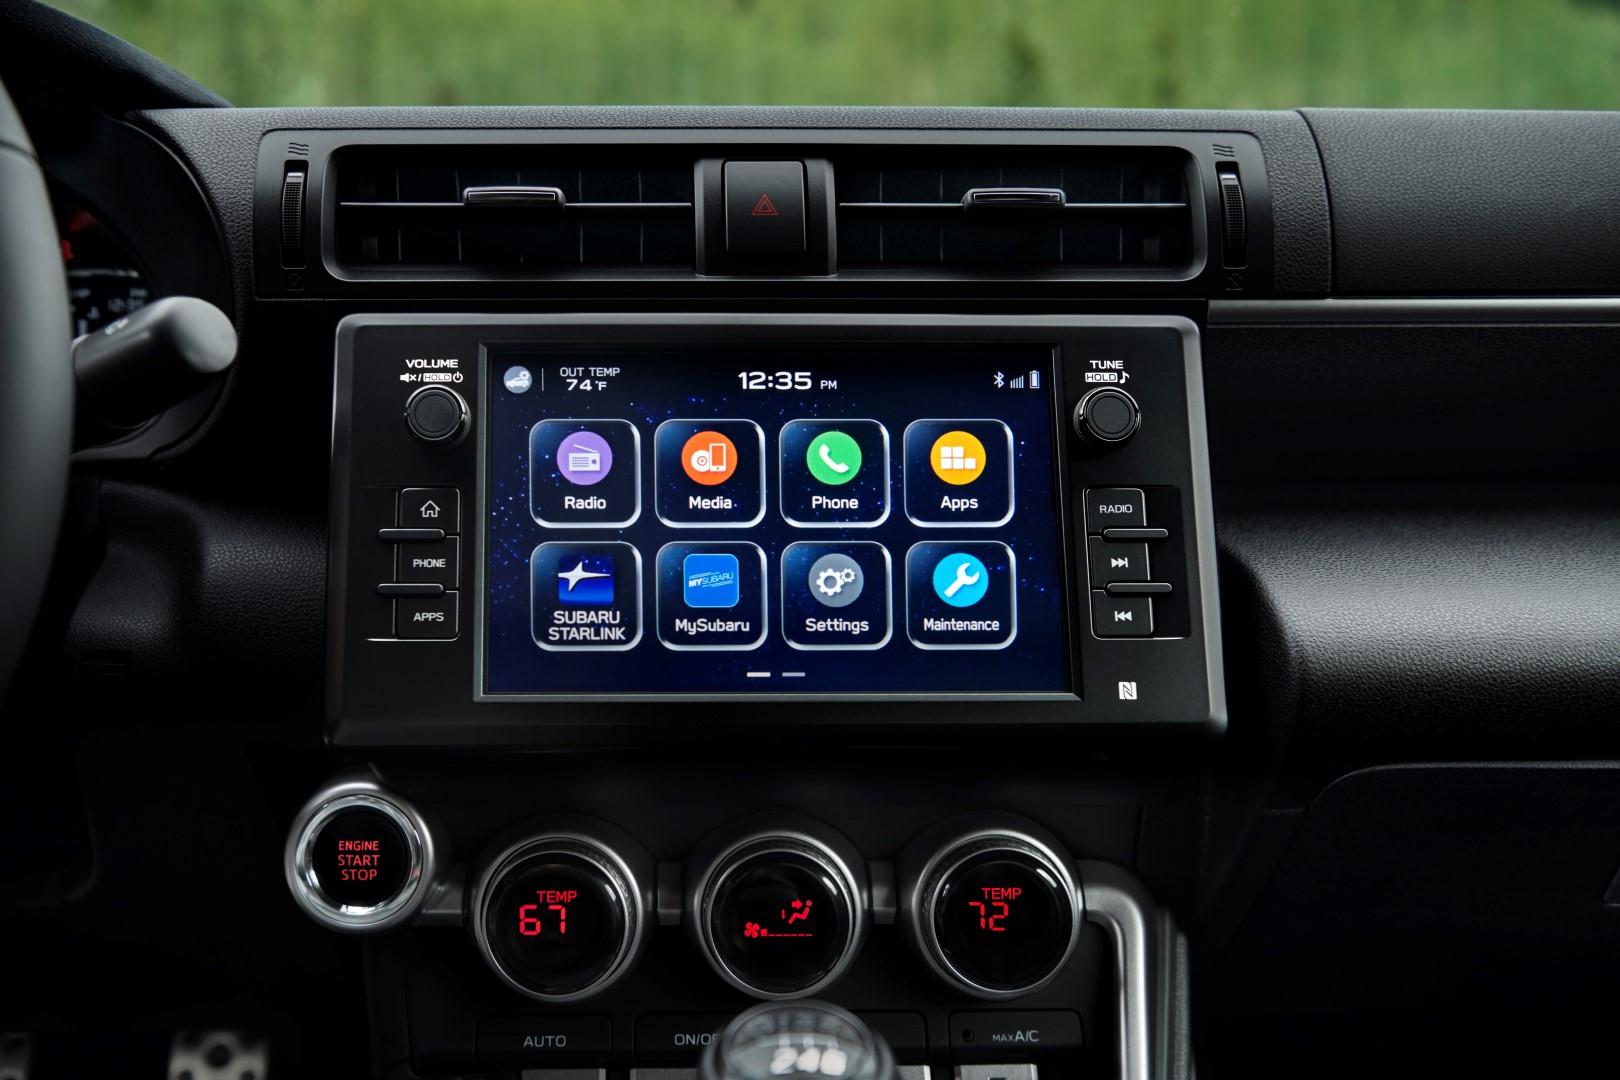 2020 Subaru BRZ infotainment